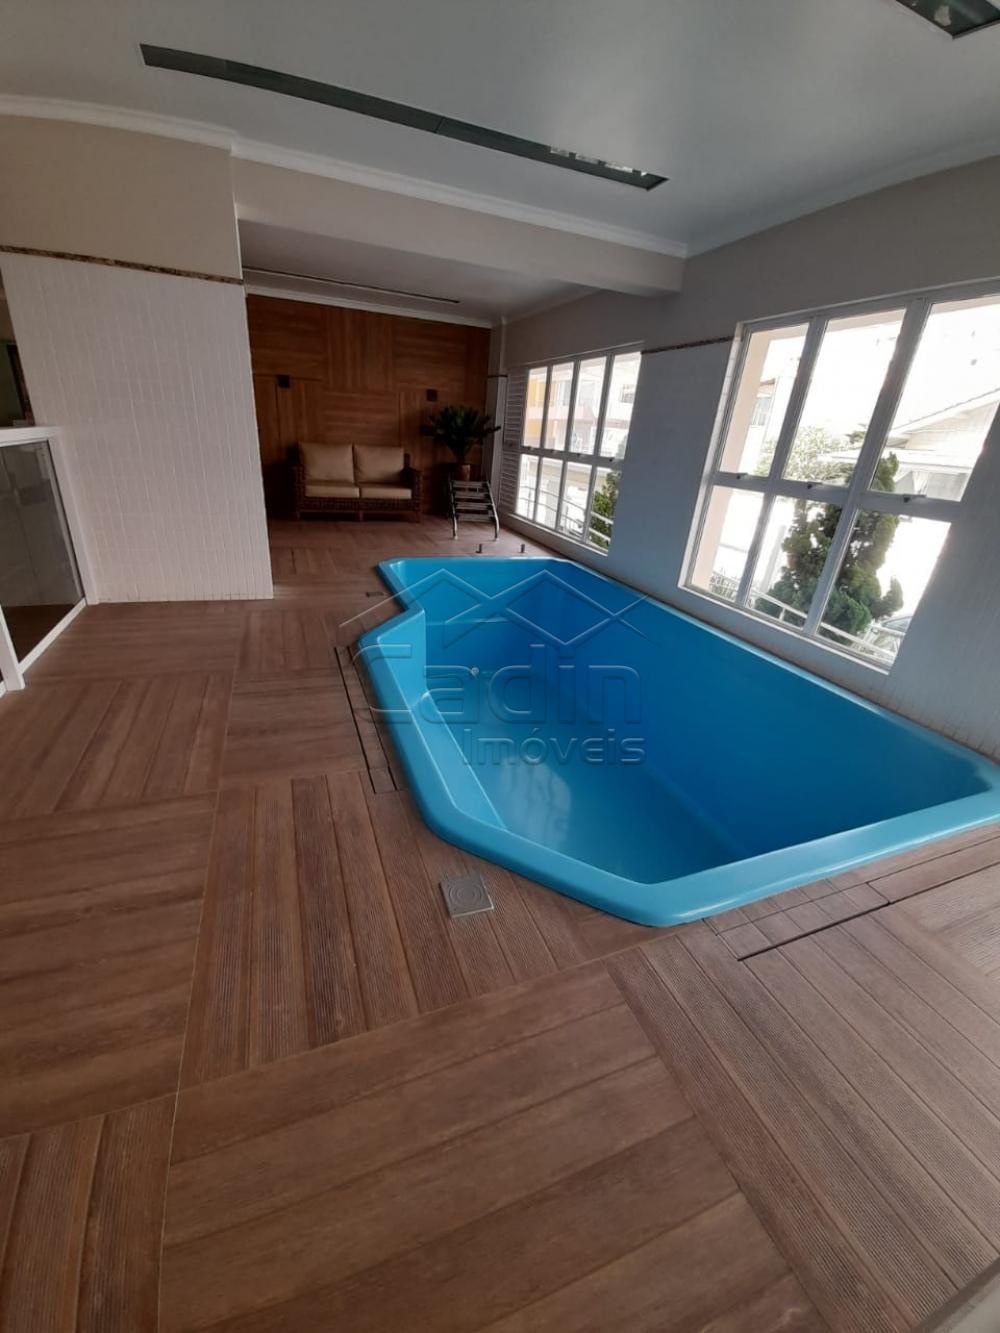 Comprar Apartamento / Padrão em Navegantes R$ 630.000,00 - Foto 7